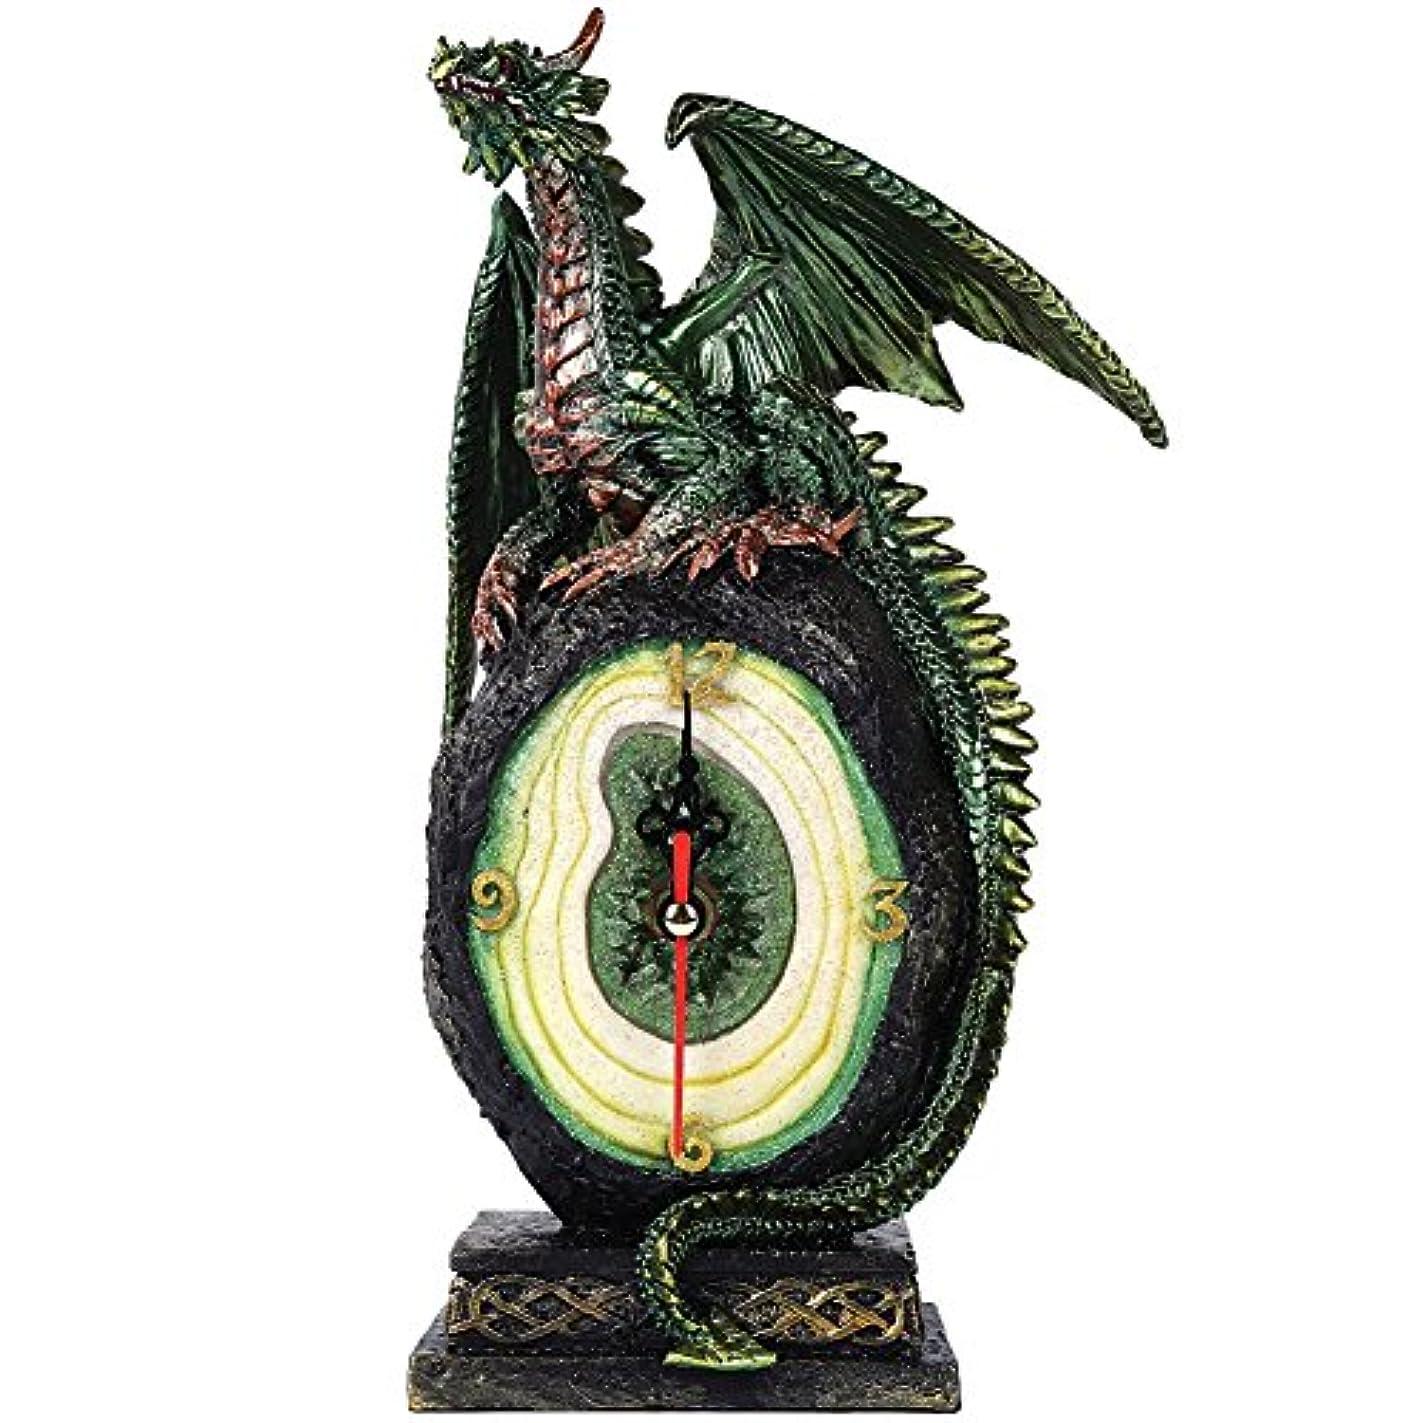 スキャンダル祭司ハッピーグリーンドラゴンonマラカイト原石クォーツデスクトップクロックFantasy Collectible 10インチH